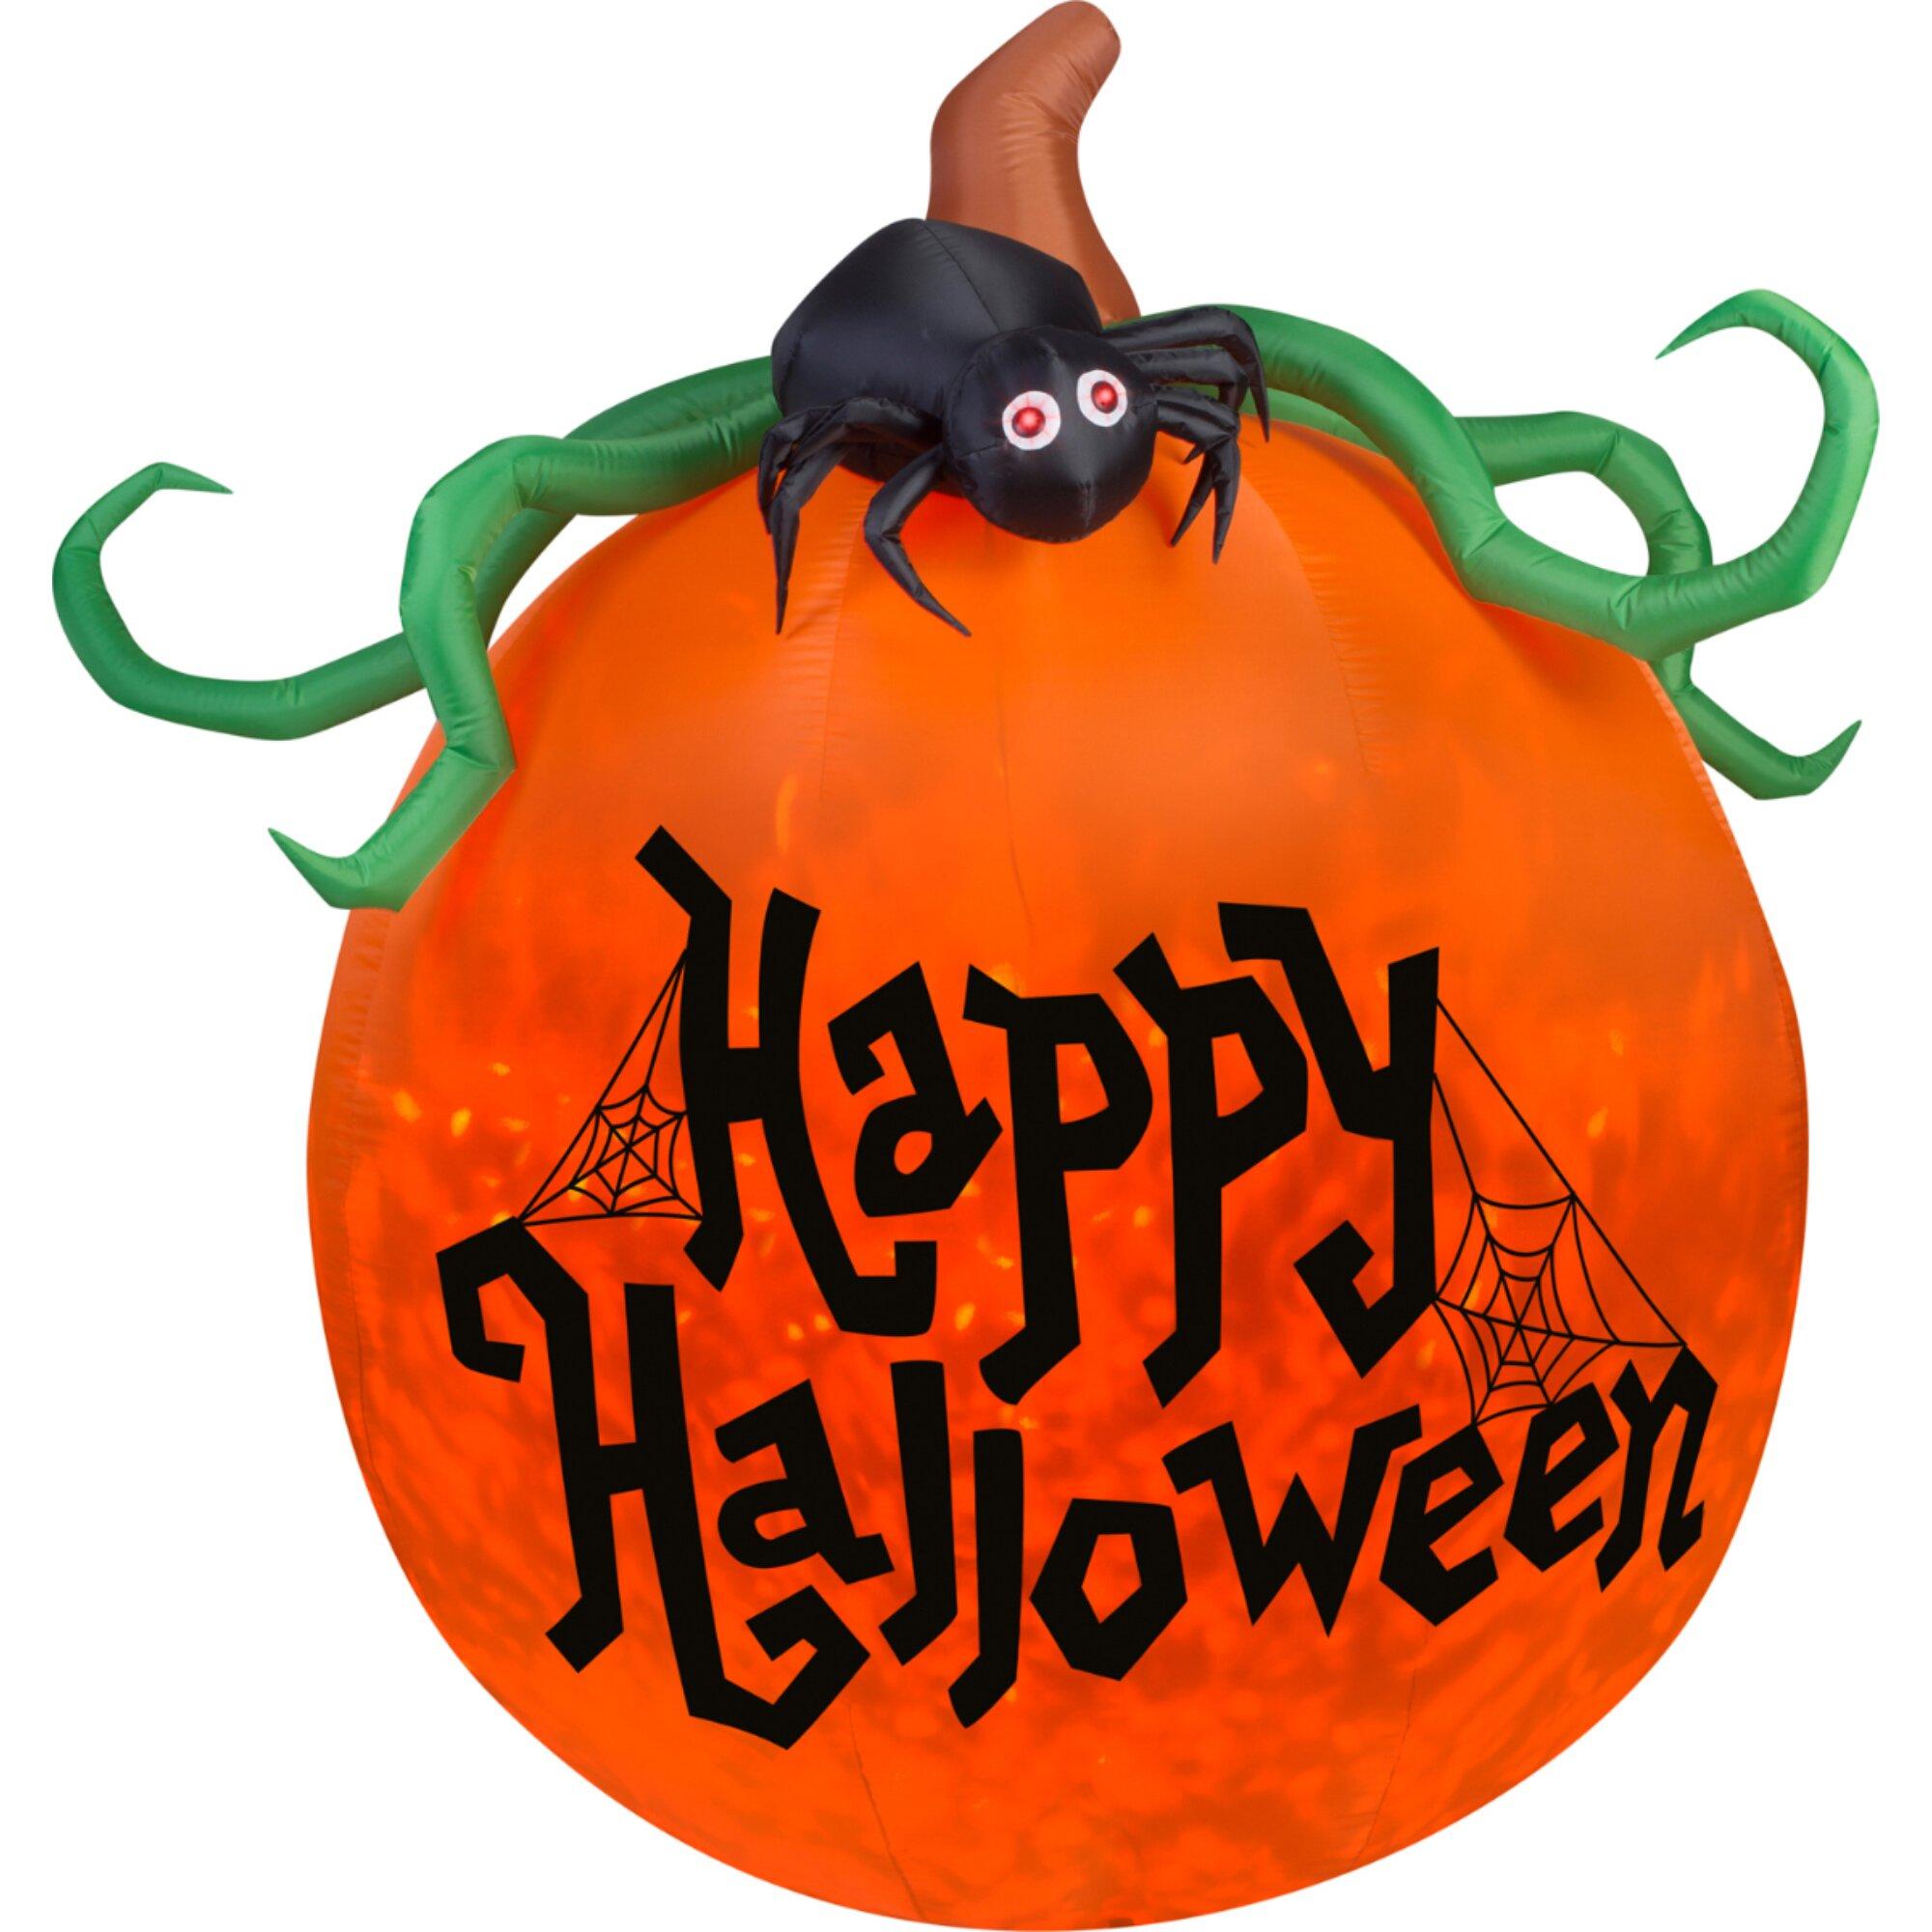 Airblown inflatables projection kaleidoscope happy halloween pumpkin